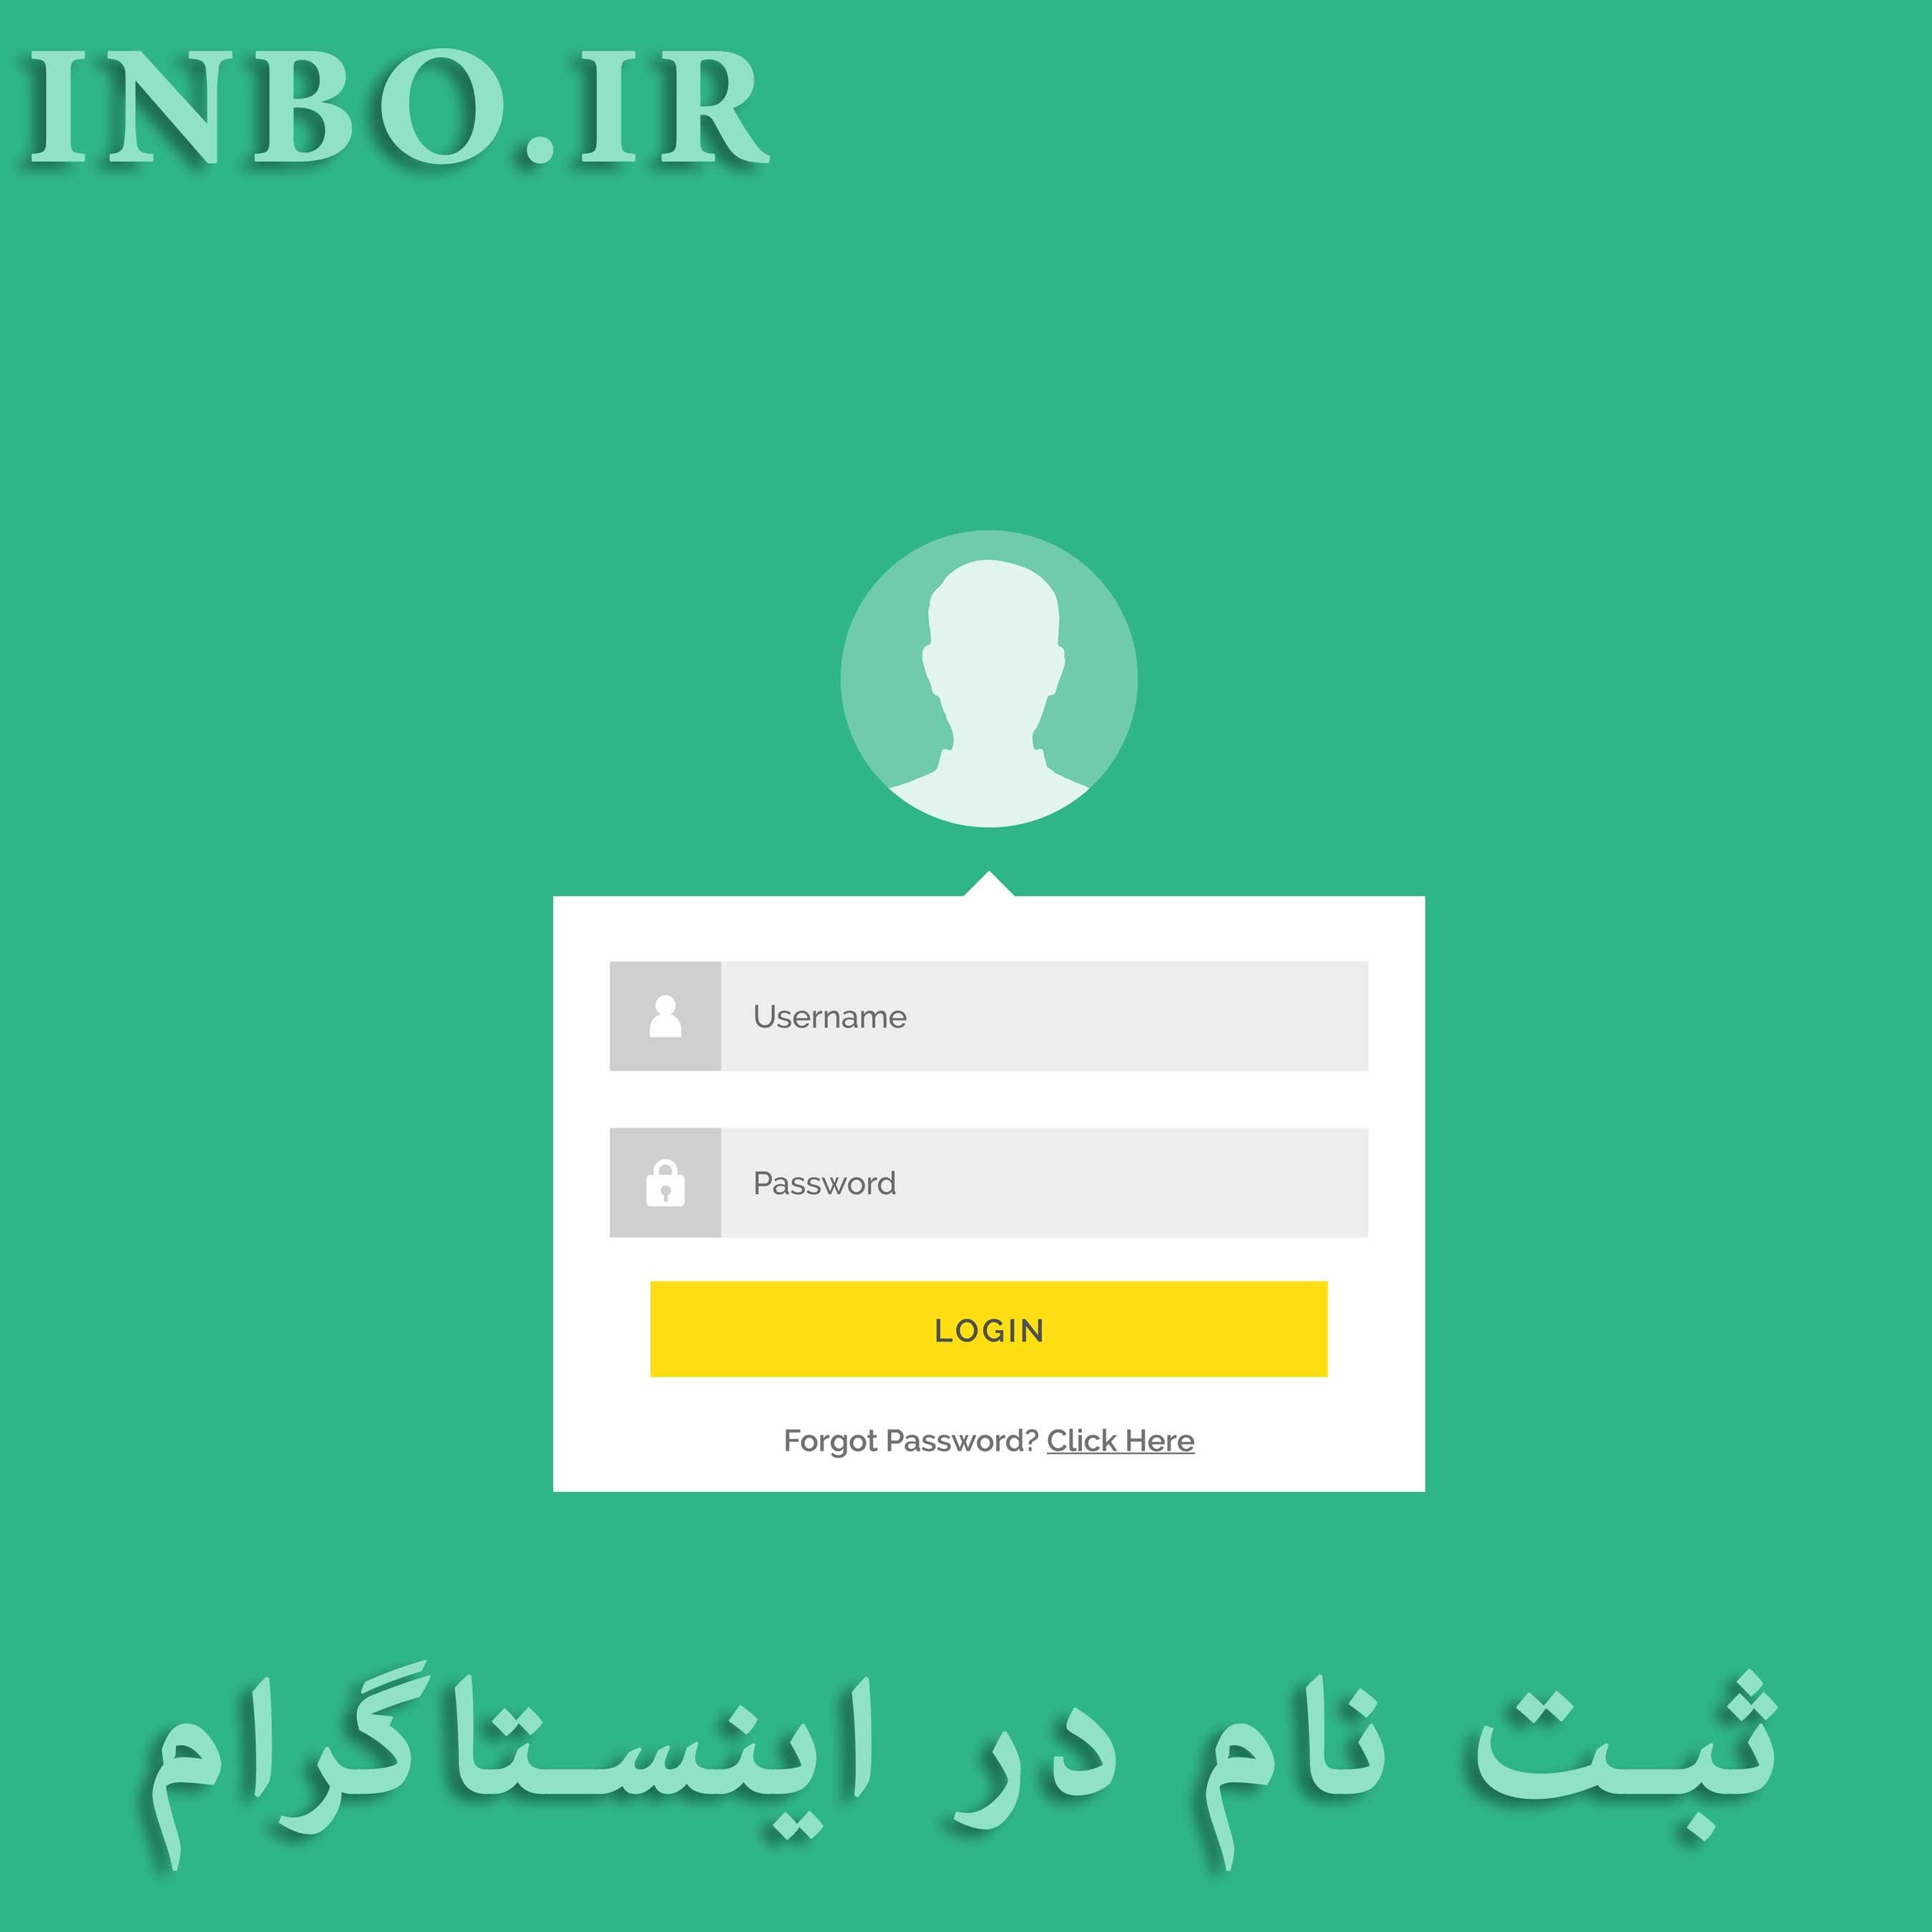 ثبت نام در اینستاگرام